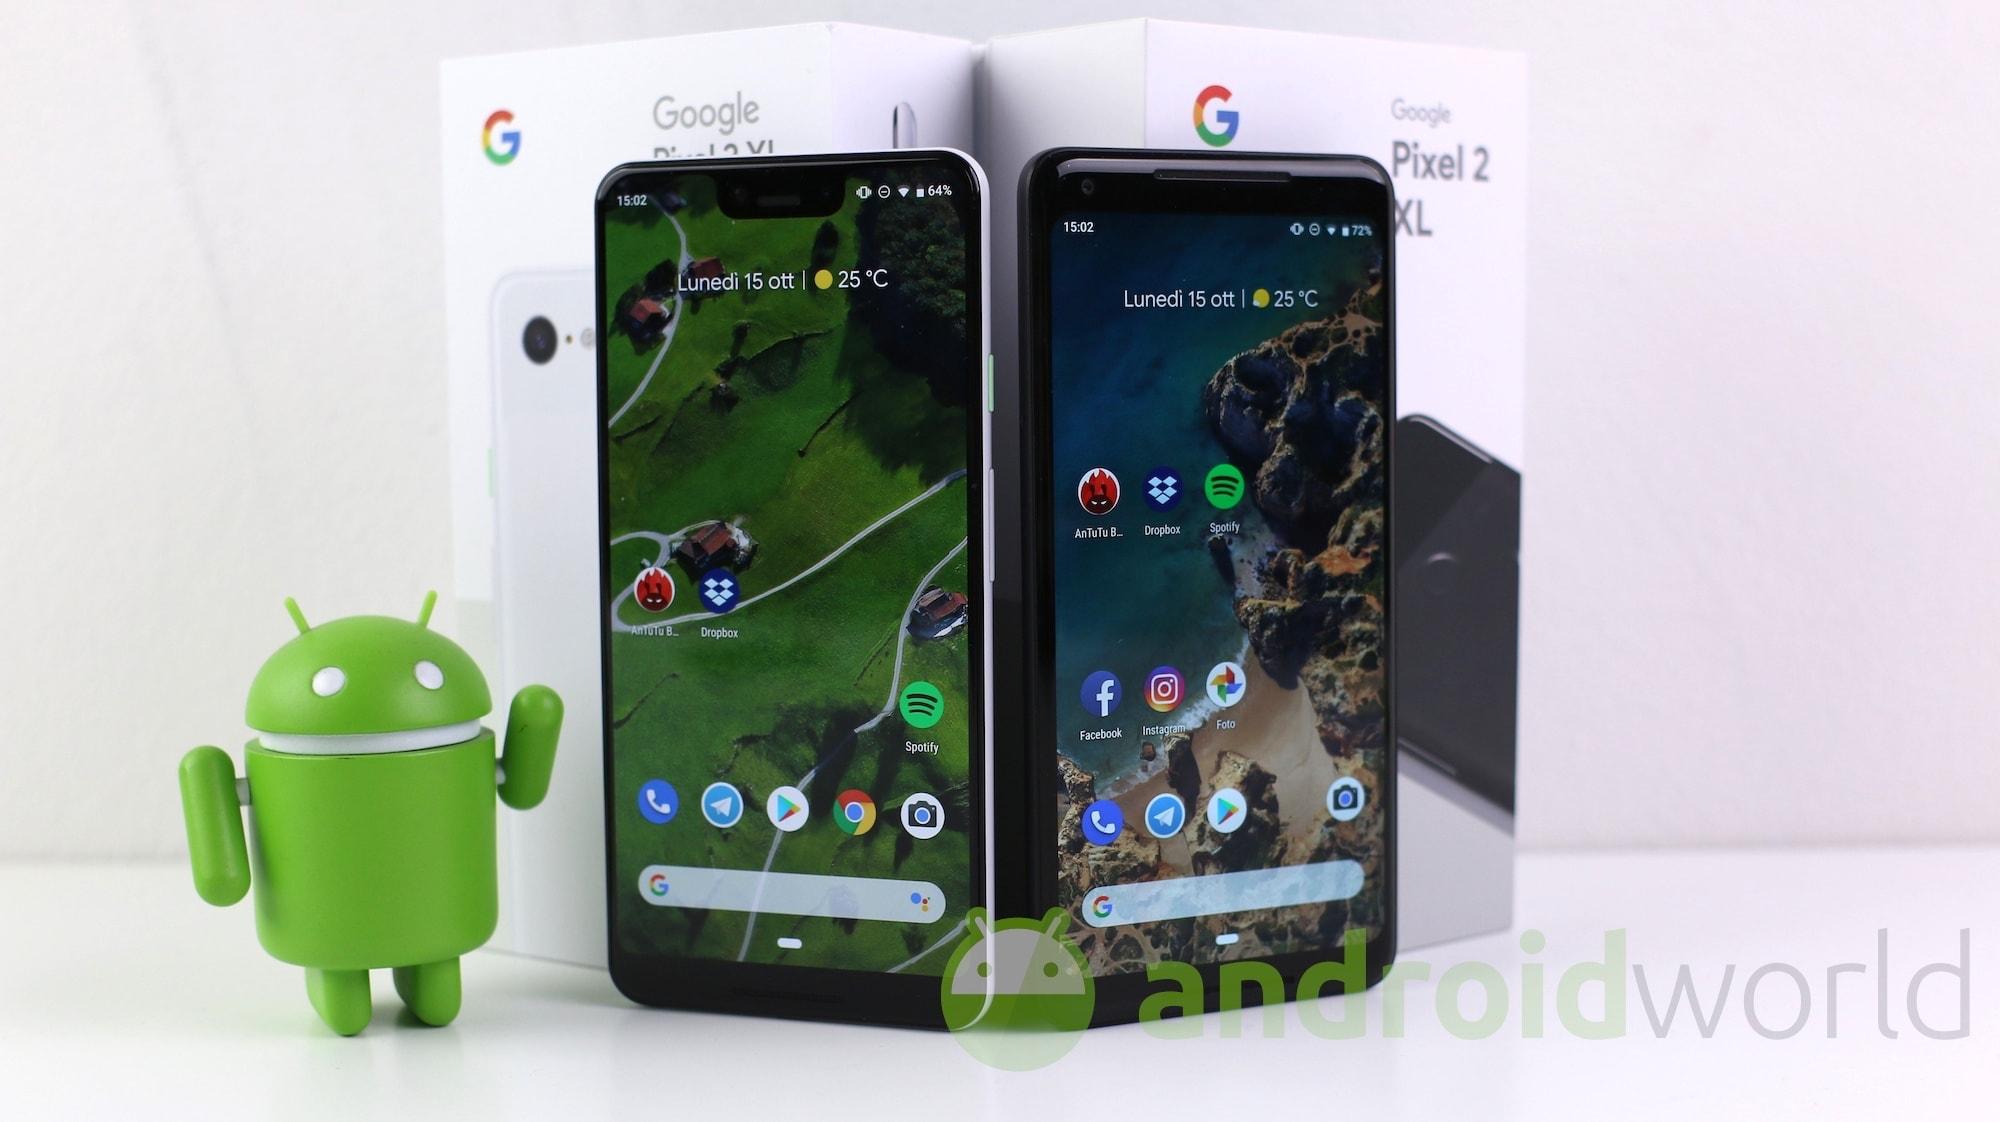 Pixel 3 XL vs Pixel 2 XL – 5